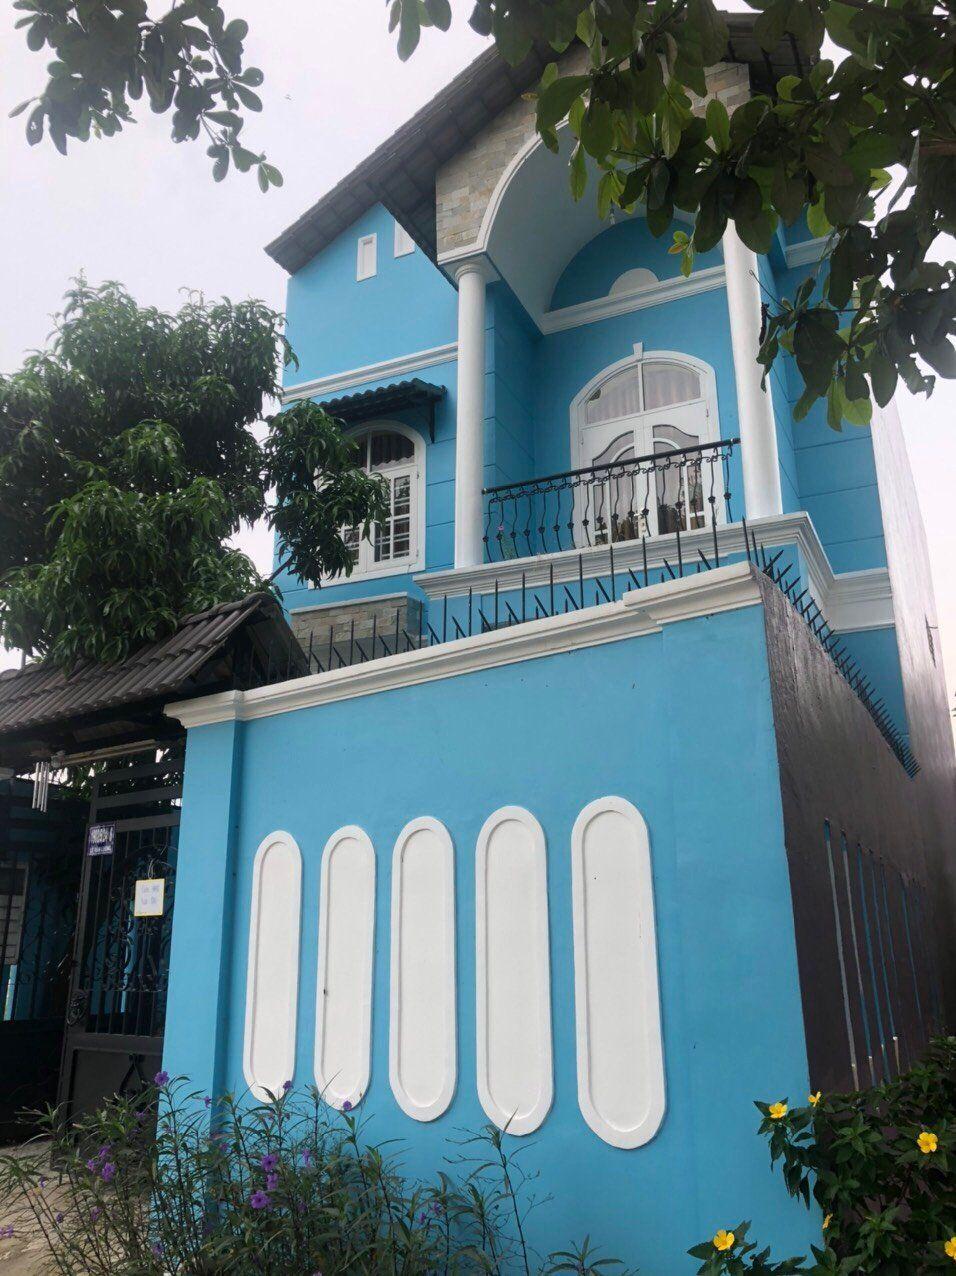 Bán nhà hẻm 1902 đường Lê Văn Lương, Ấp 4, Xã Nhơn Đức, Huyện Nhà Bè.